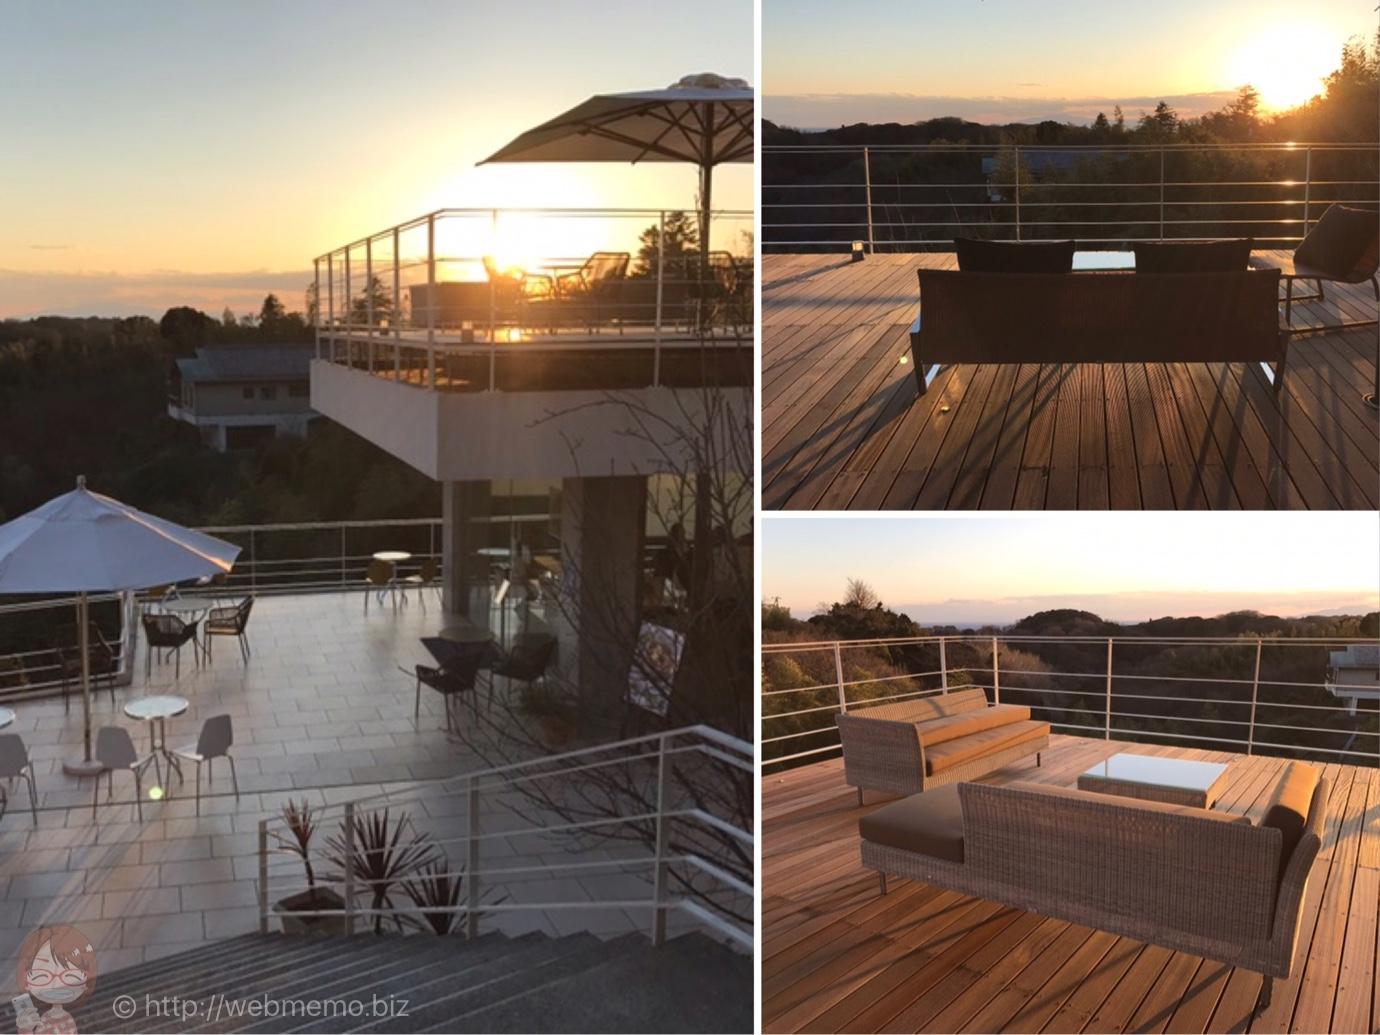 鎌倉カフェ「ル・ミリュウ」から見る夕日が贅沢!日本とは思えない絶景